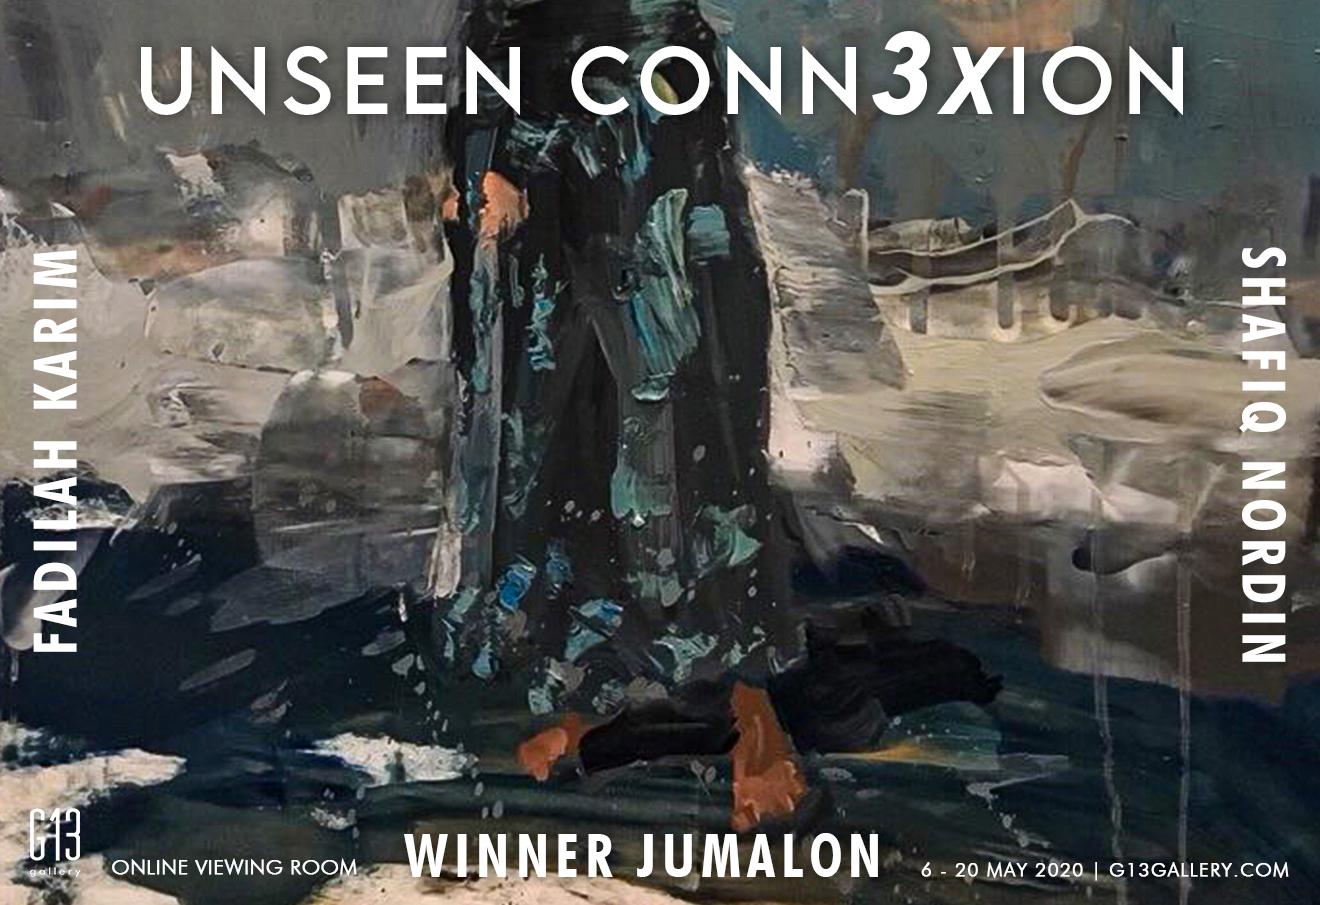 Unseen Conn3xion